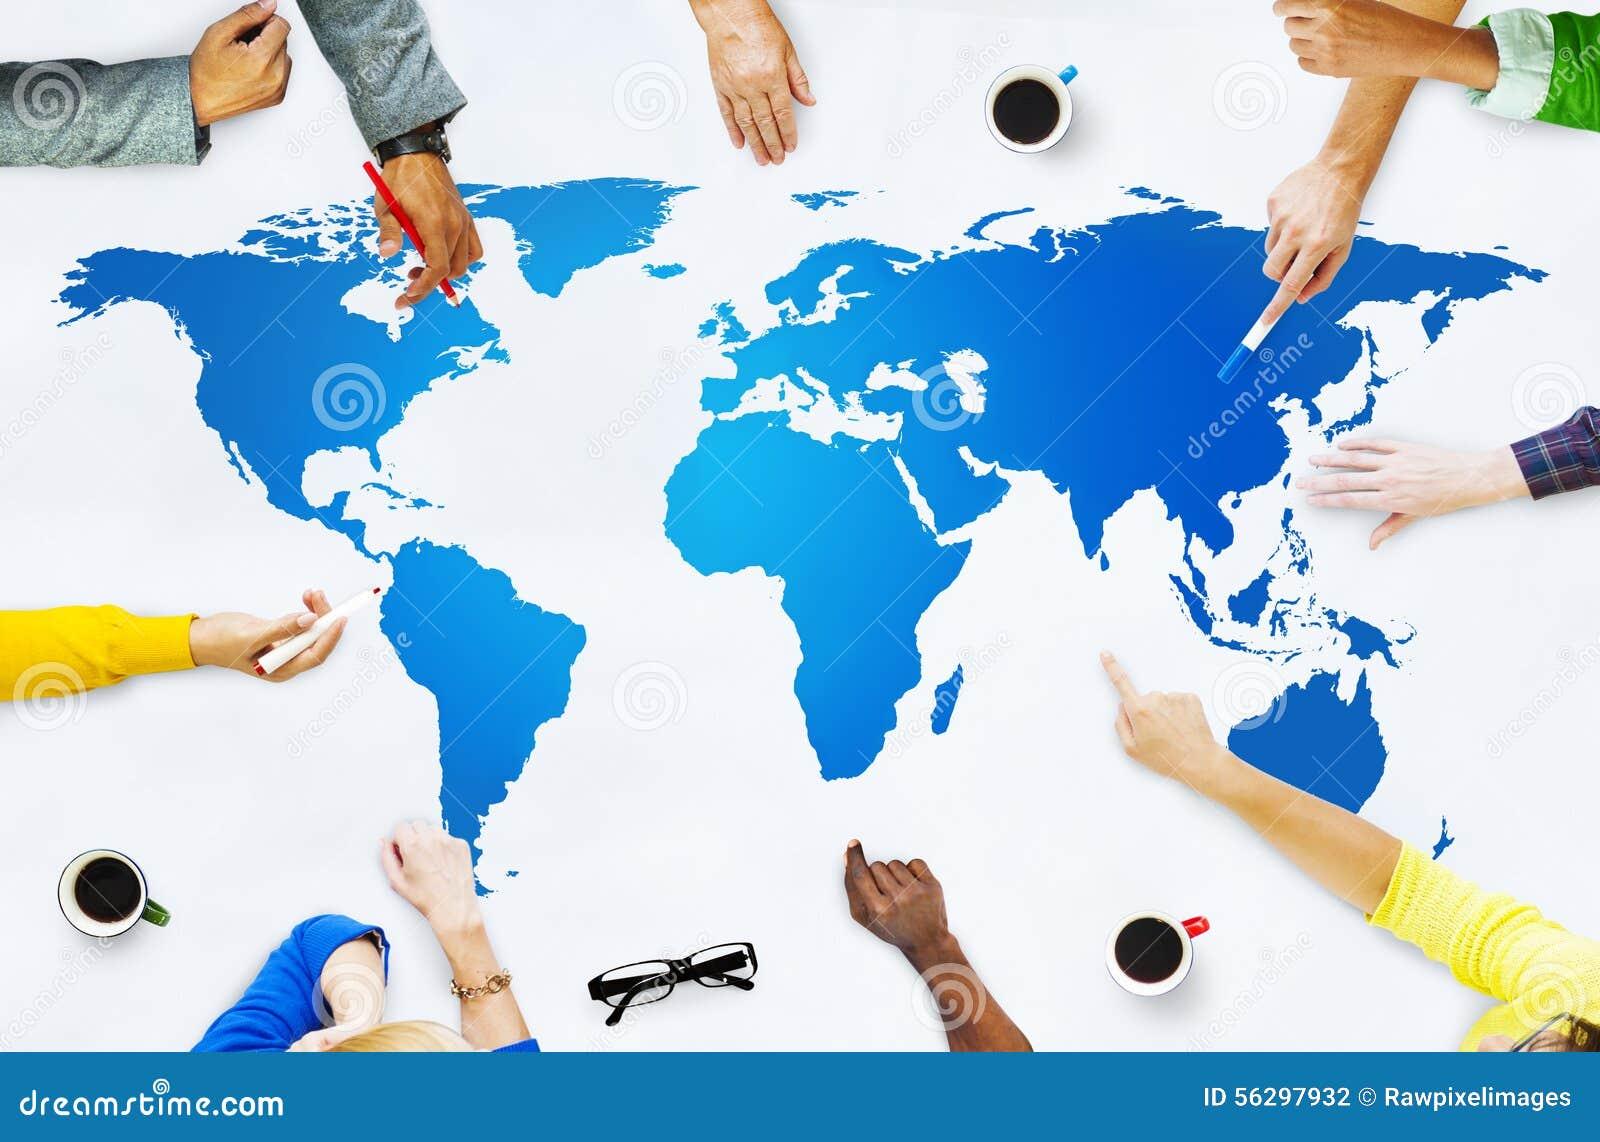 Concepto de la globalización de la conexión del mapa del mundo de la cartografía